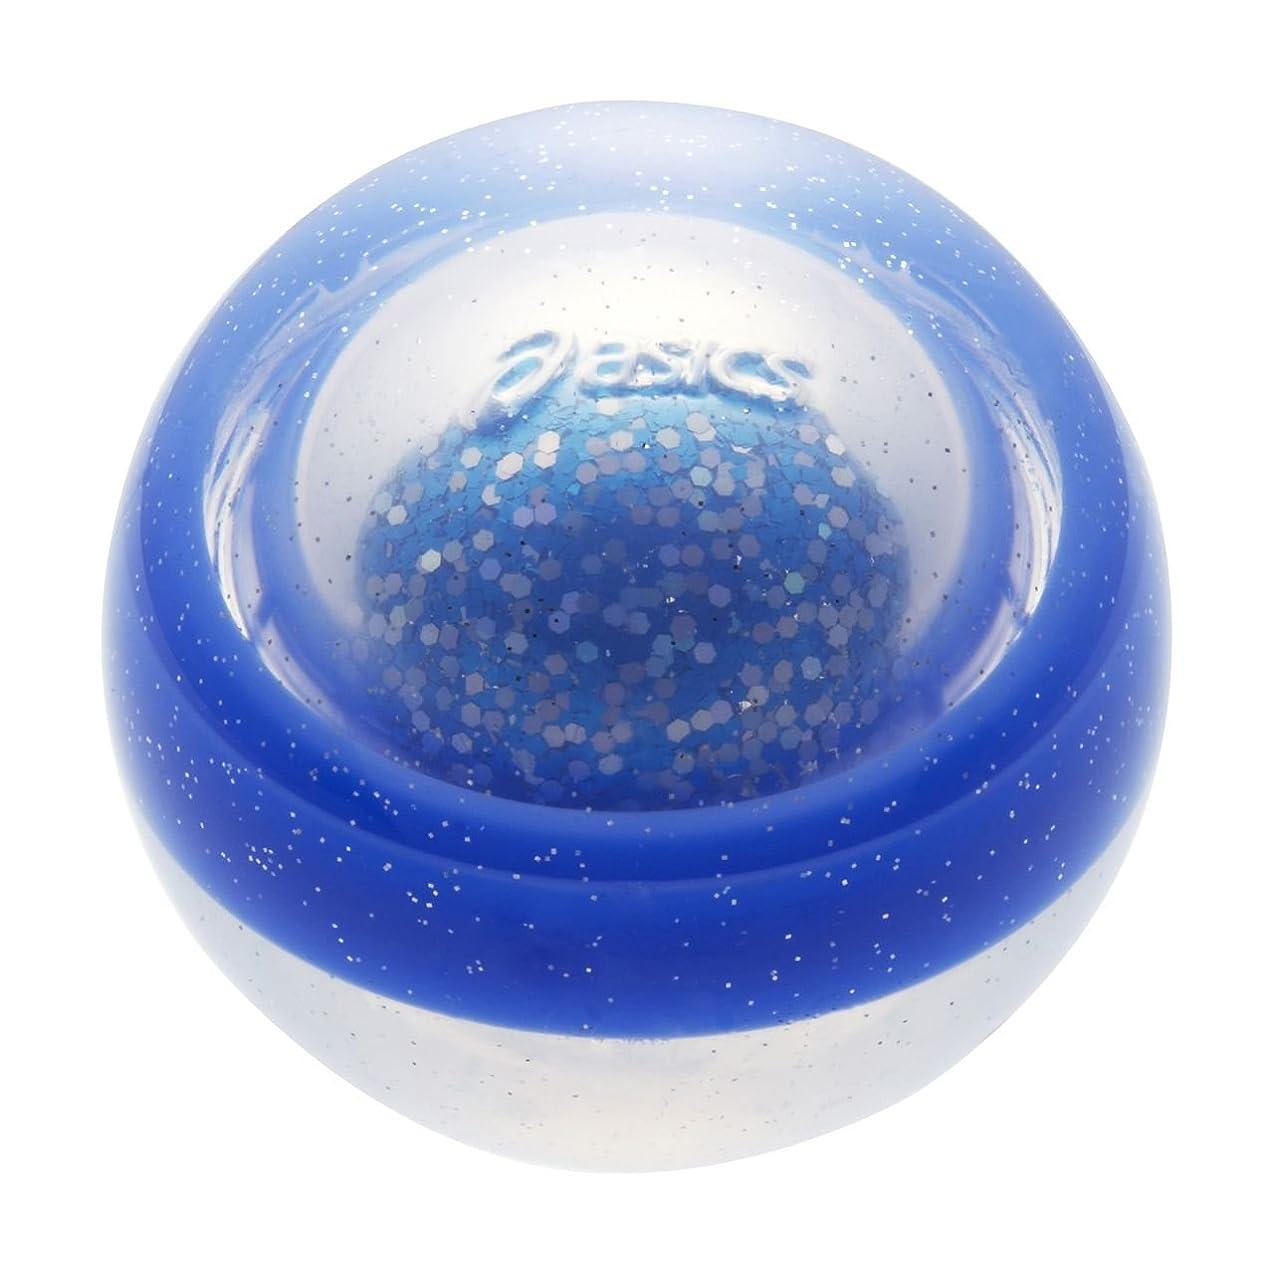 変換するチョーク世界的にasics(アシックス) グラウンドゴルフ ハイパワーボール 輝 (ggg332)